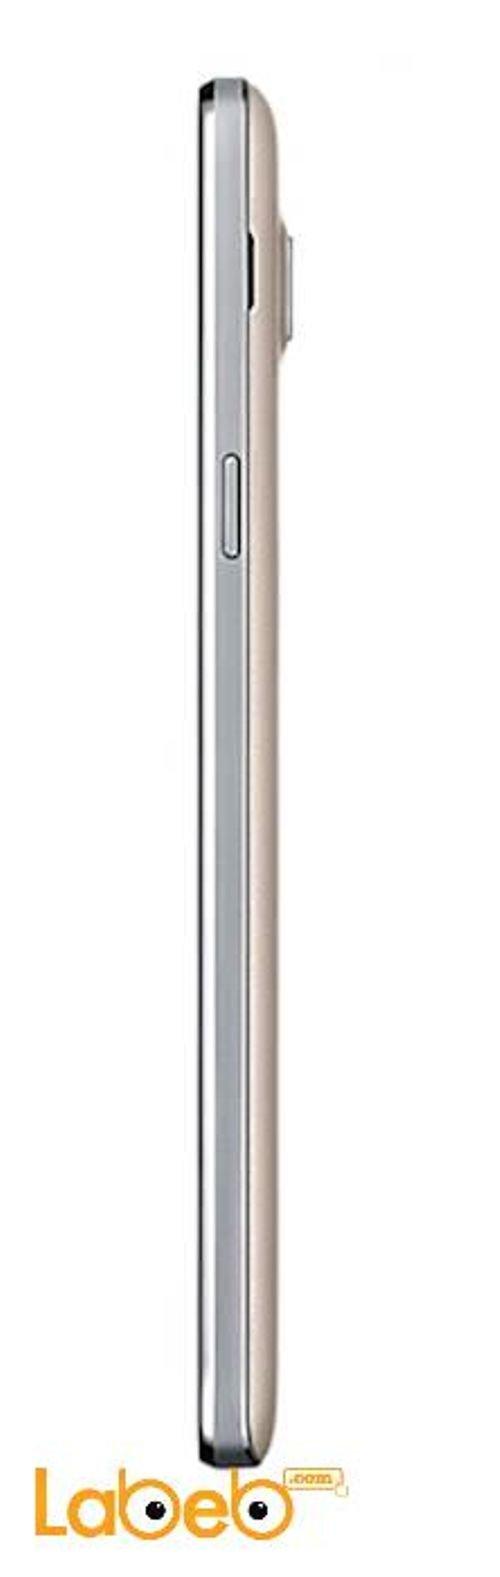 Samsung Galaxy ON7 smartphone side 8GB 5.5inch Gold SM-G600FY